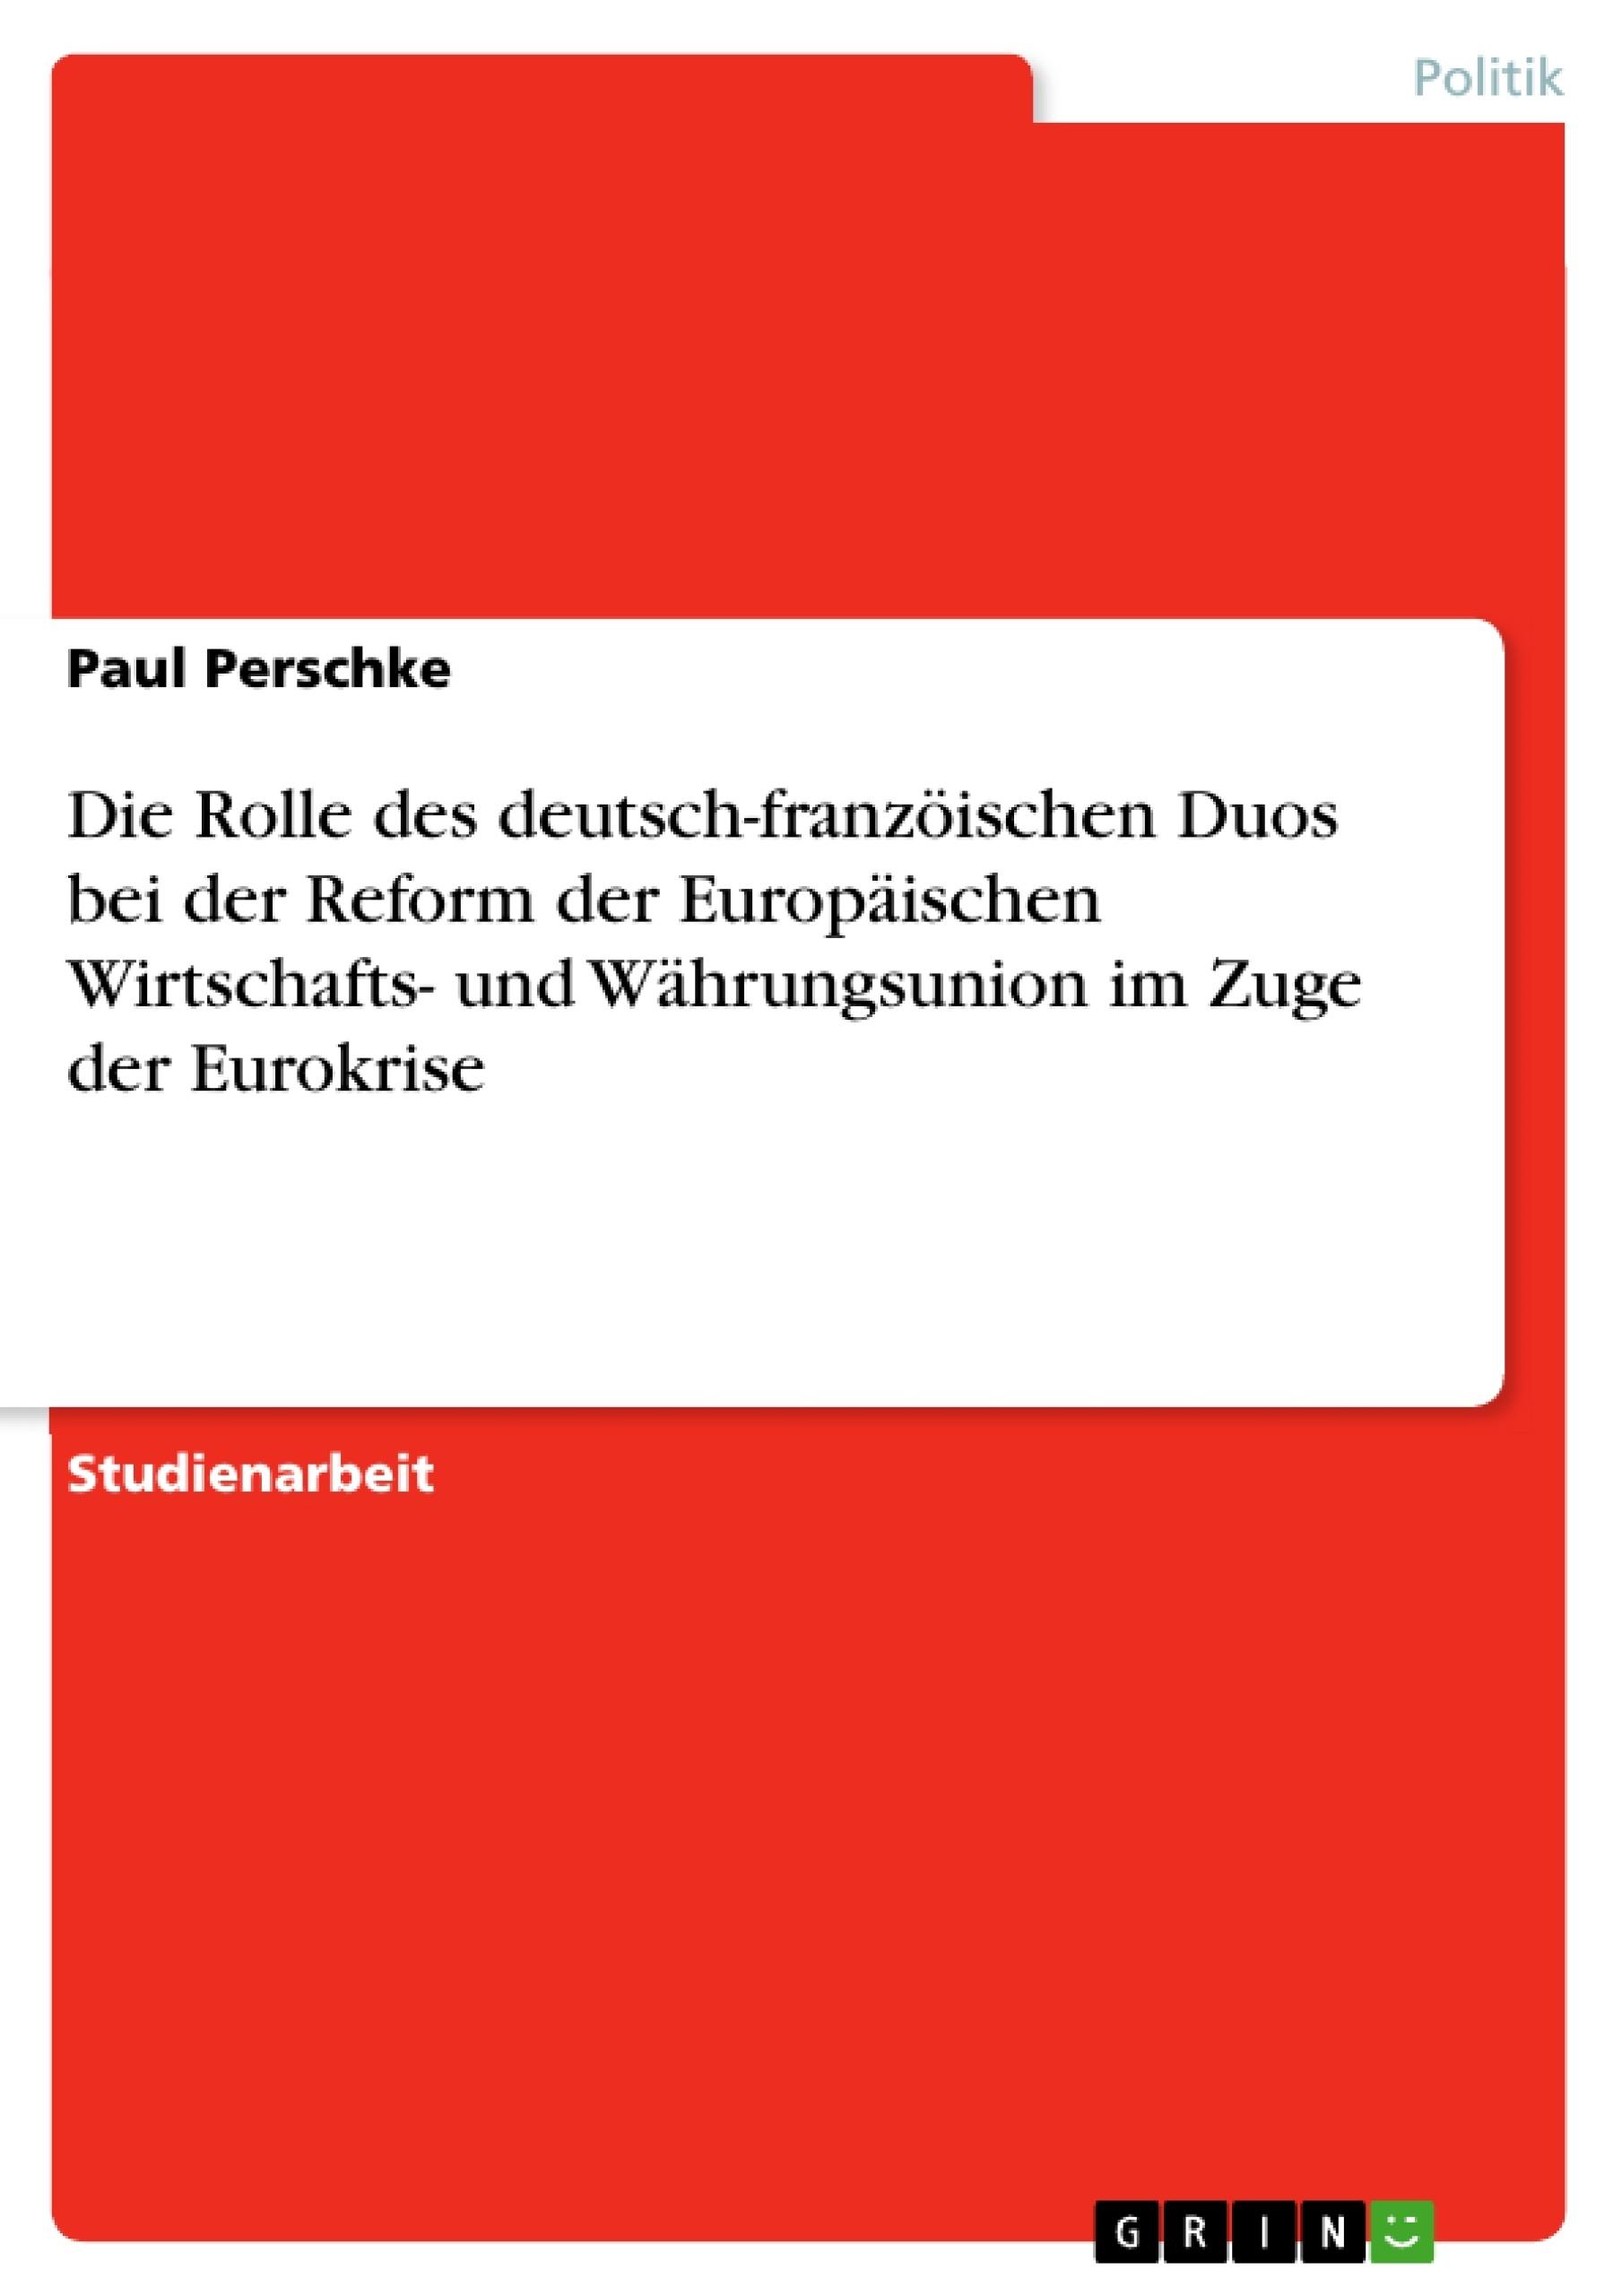 Titel: Die Rolle des deutsch-franzöischen Duos bei der Reform der Europäischen Wirtschafts- und Währungsunion im Zuge der Eurokrise